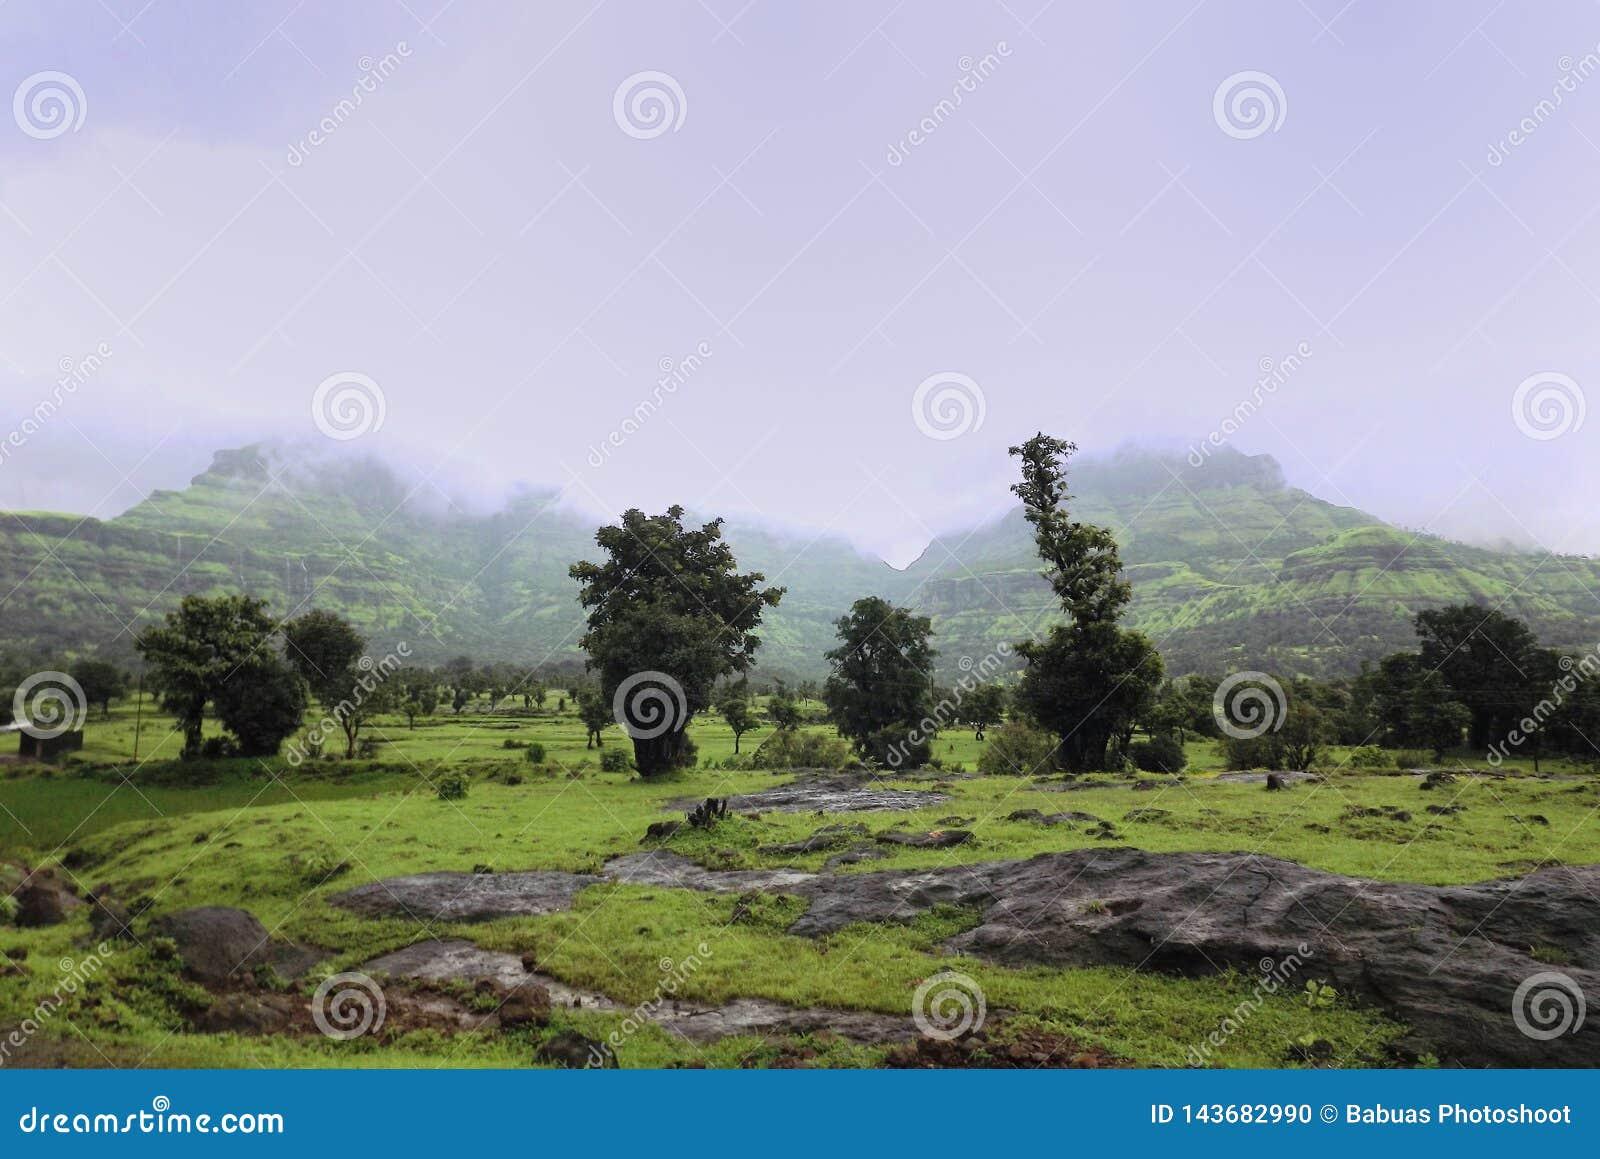 Het weelderige groene landschap met moesson betrekt het onderdompelen op de bergen bij de achtergrond